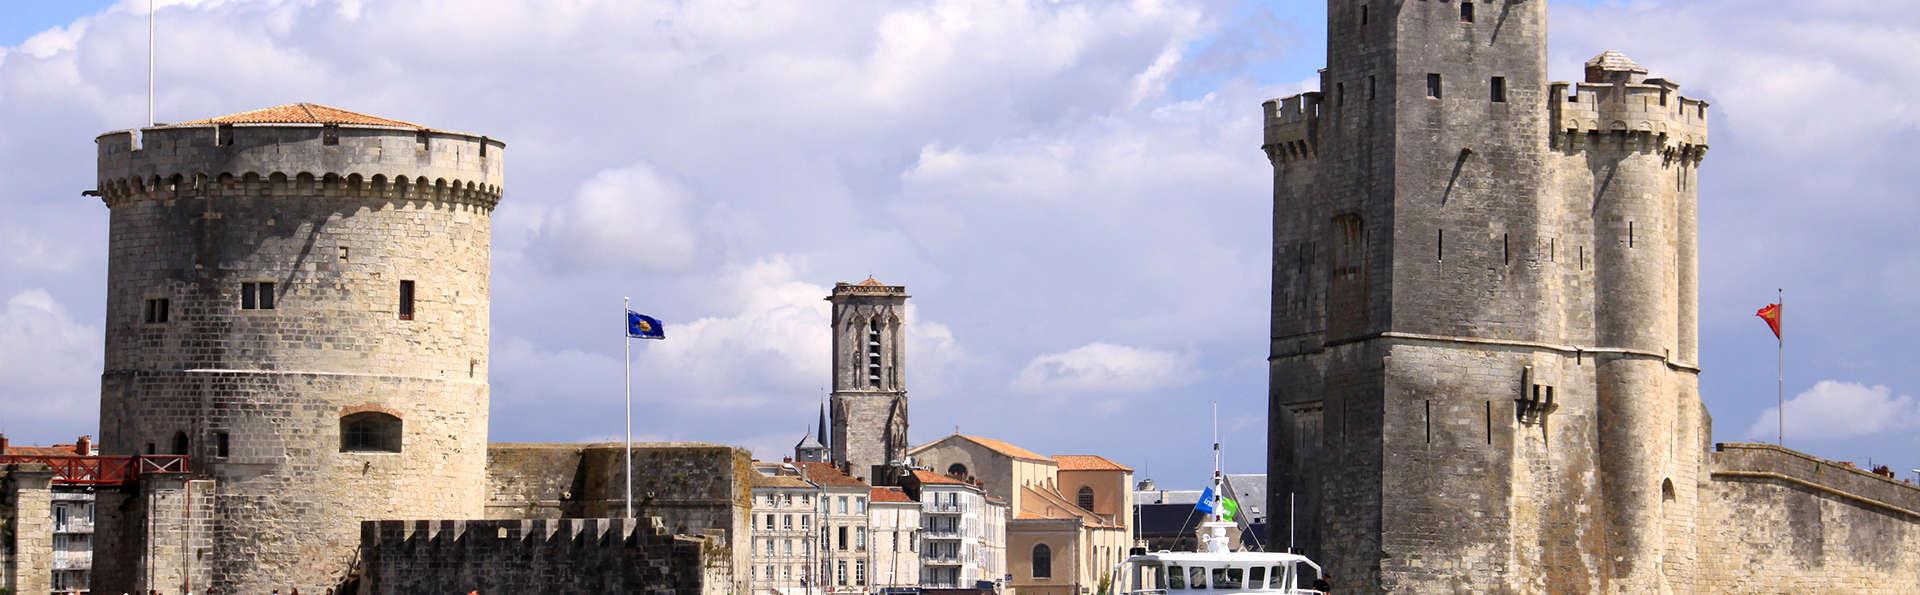 Séjournez face aux tours de La Rochelle